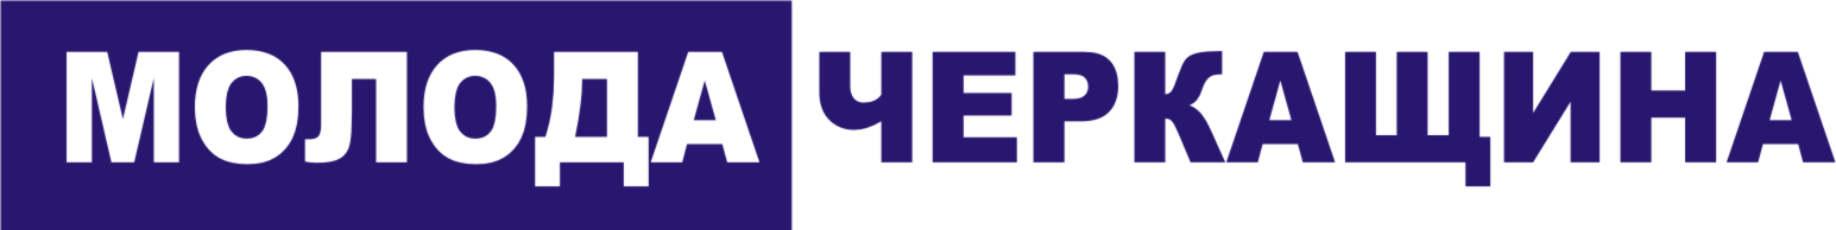 Картинки по запросу коаліція молода черкащина